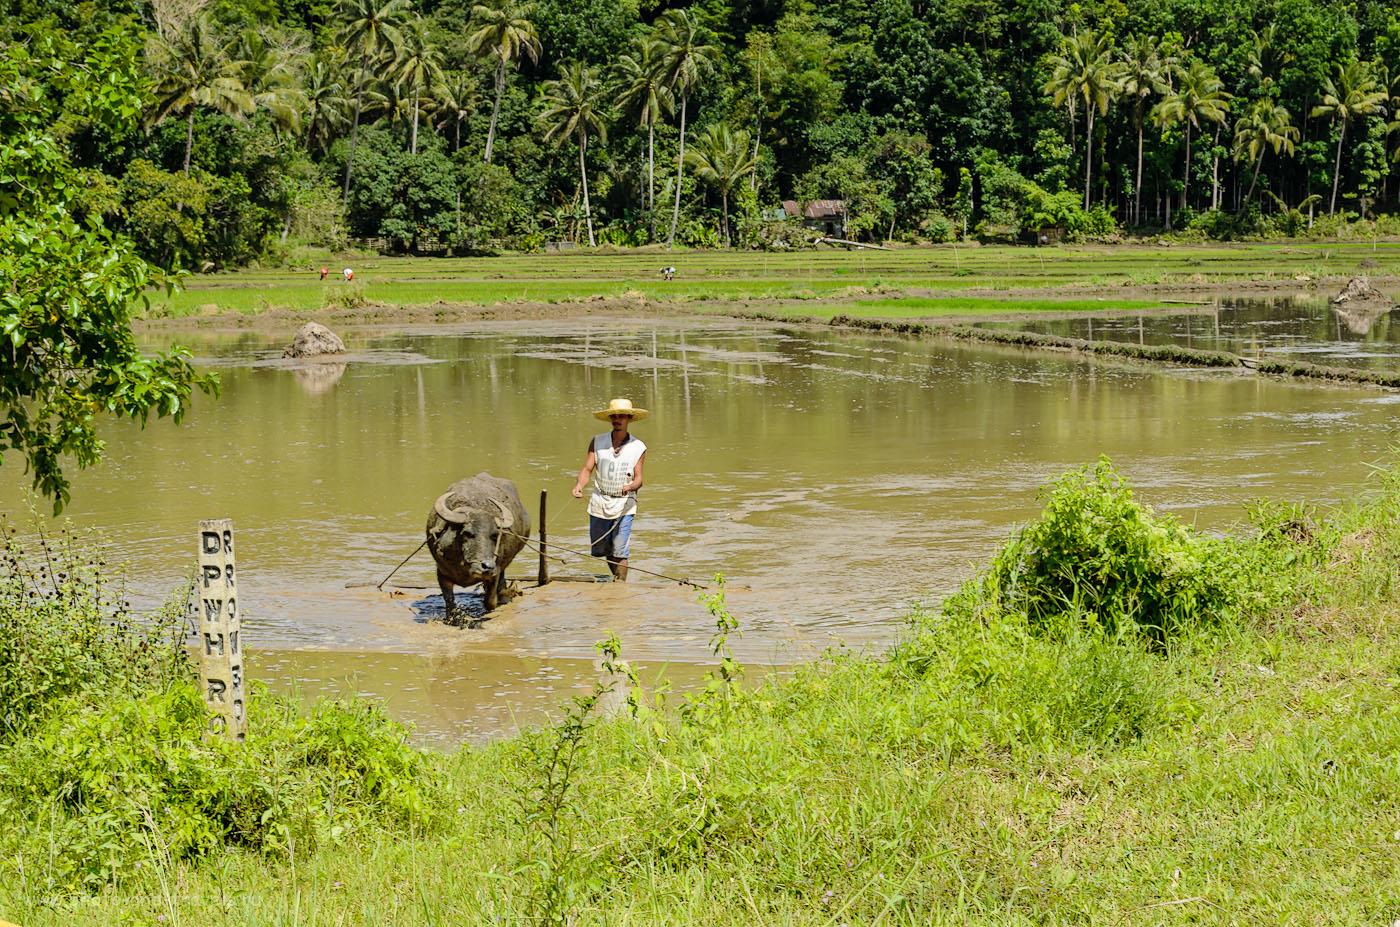 Фото 5. Филиппинский крестьянин и его буйвол на рисовом поле. Как в отпуске снять интересный фотоотчет. 1/125, 11.0, 55, 52.